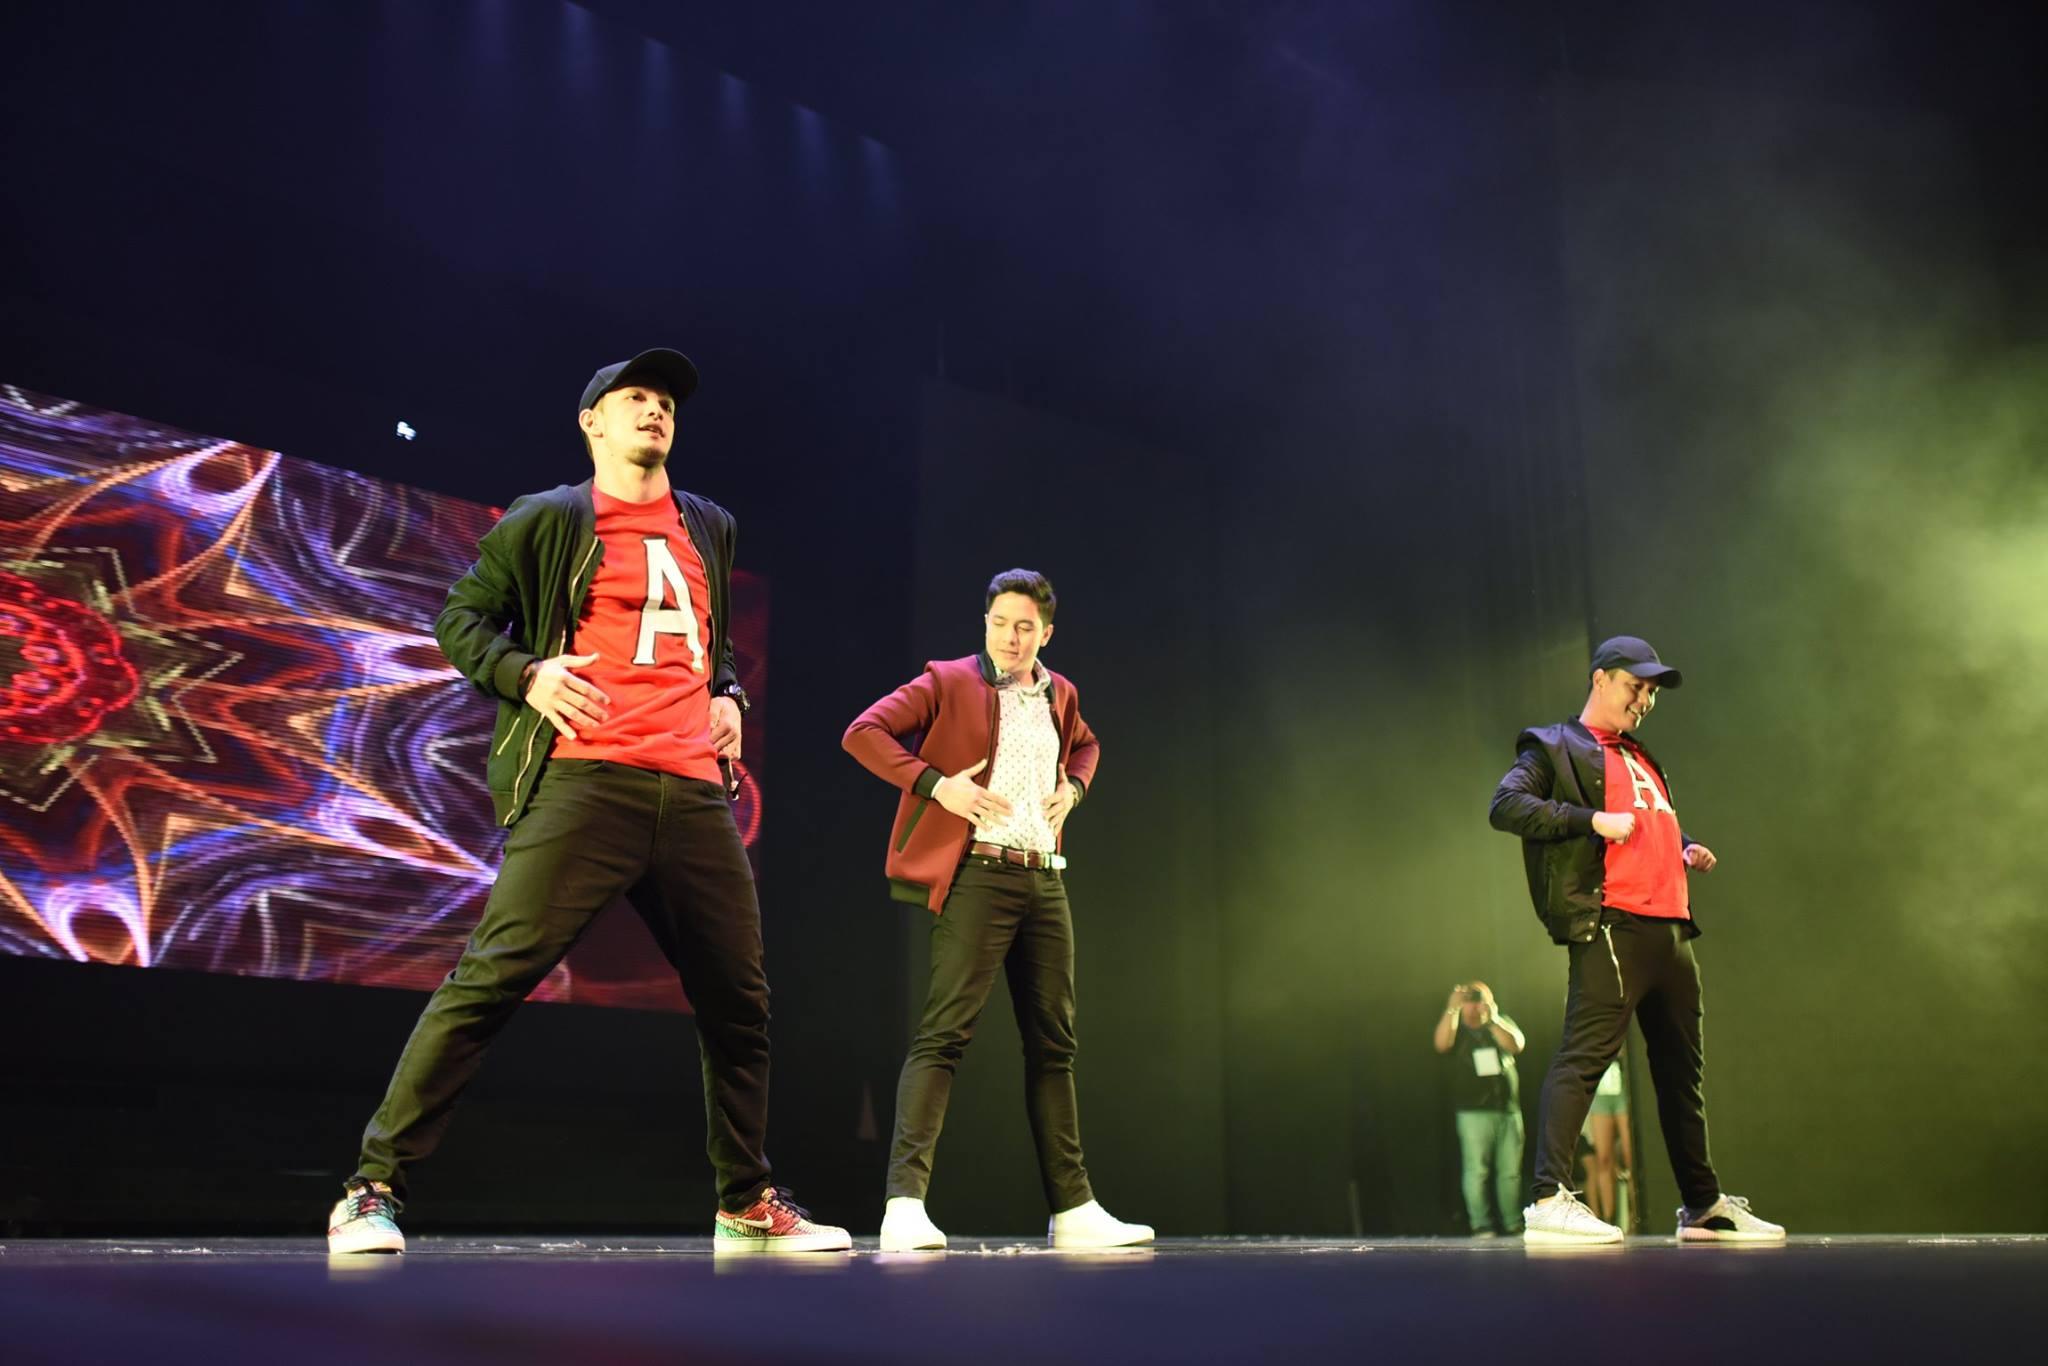 alden richards concert dance twerk it like miley